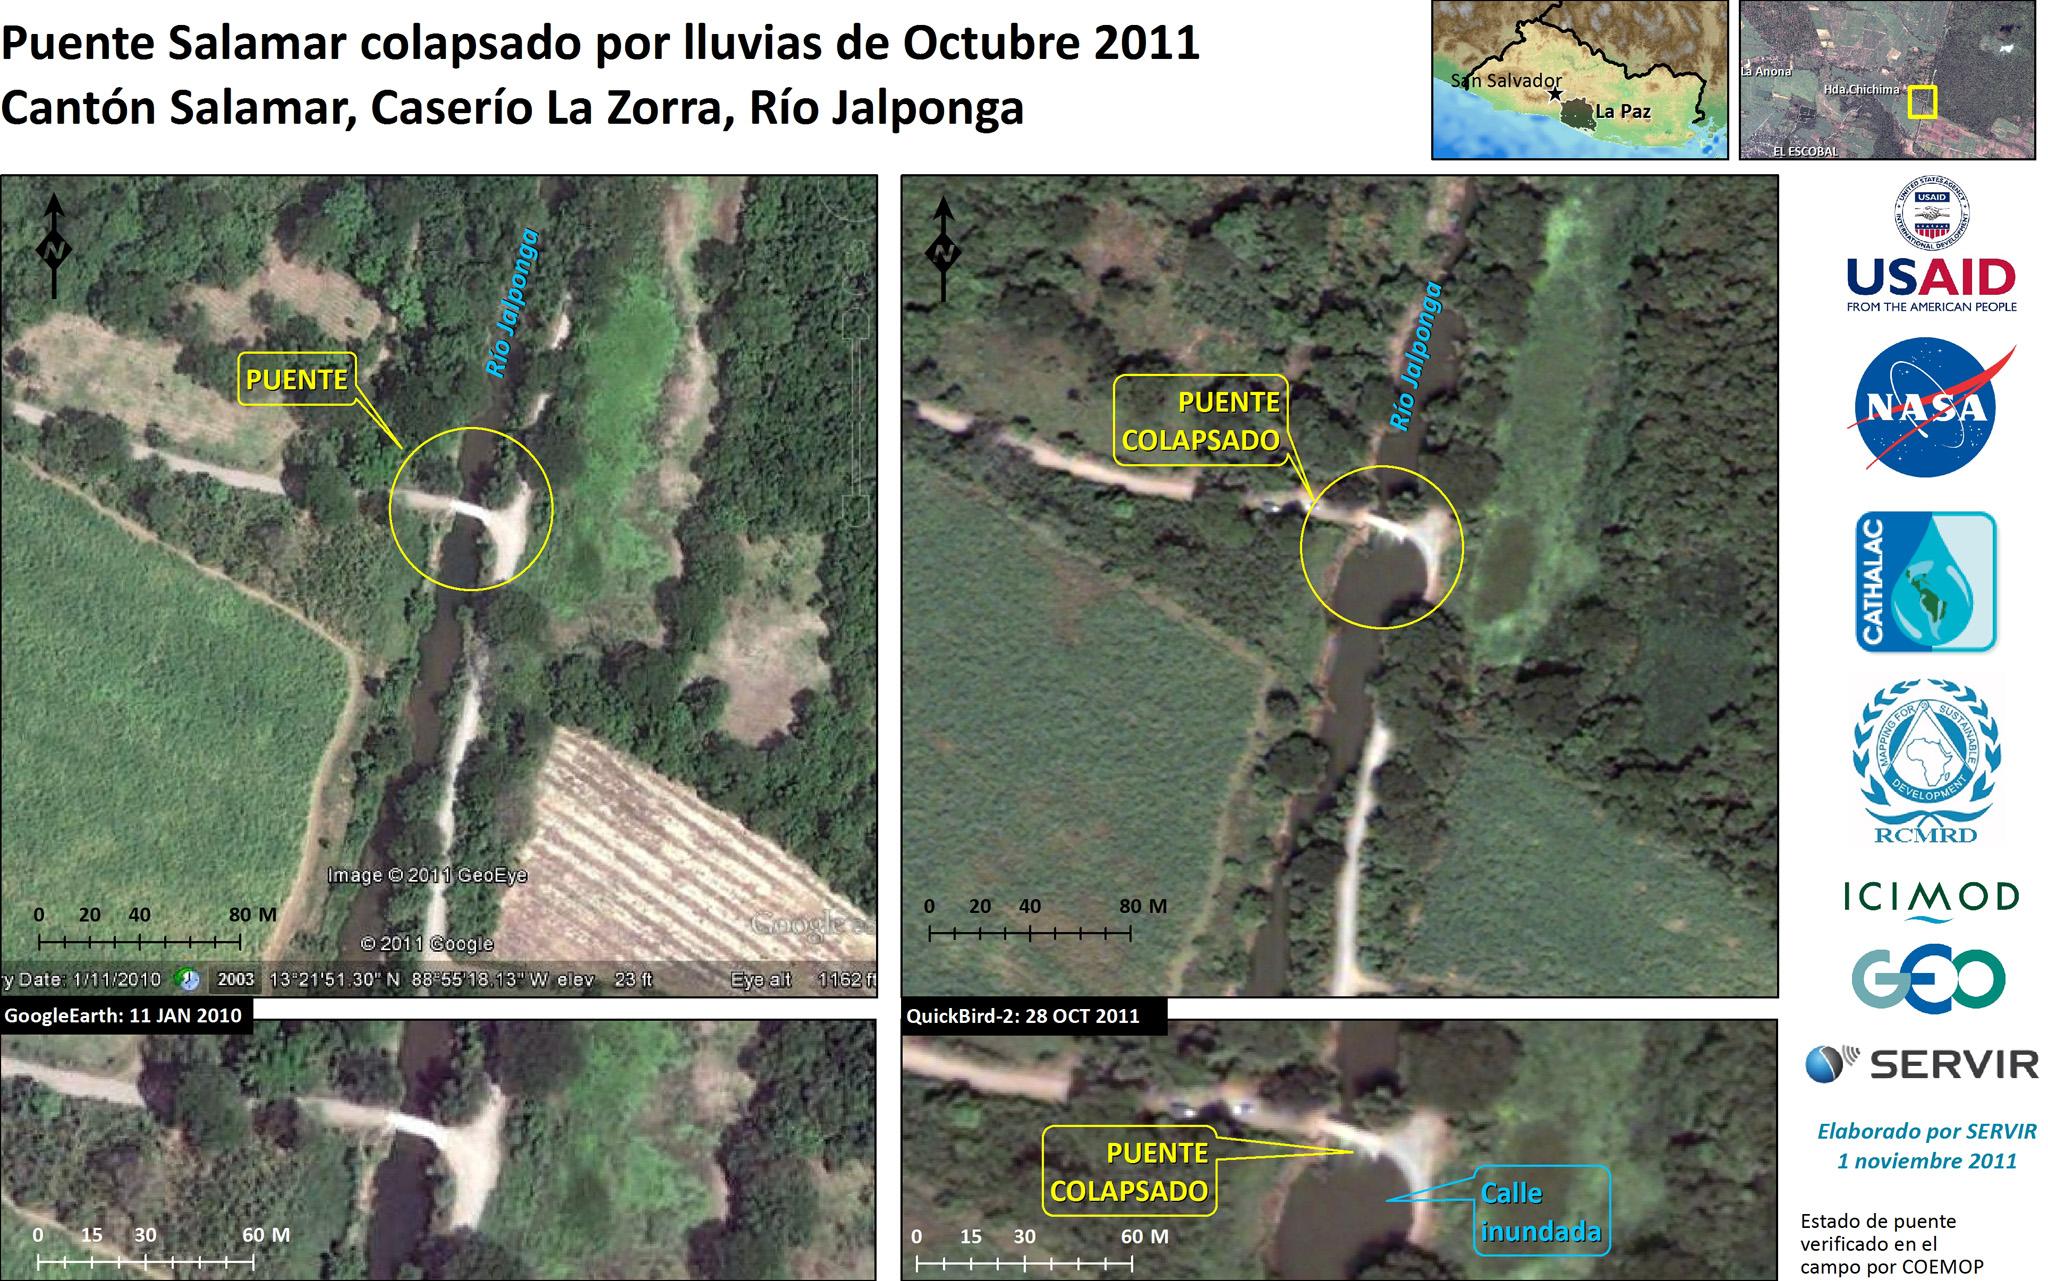 SERVIR > Data & Maps > GeoPortalMetaDataViewer